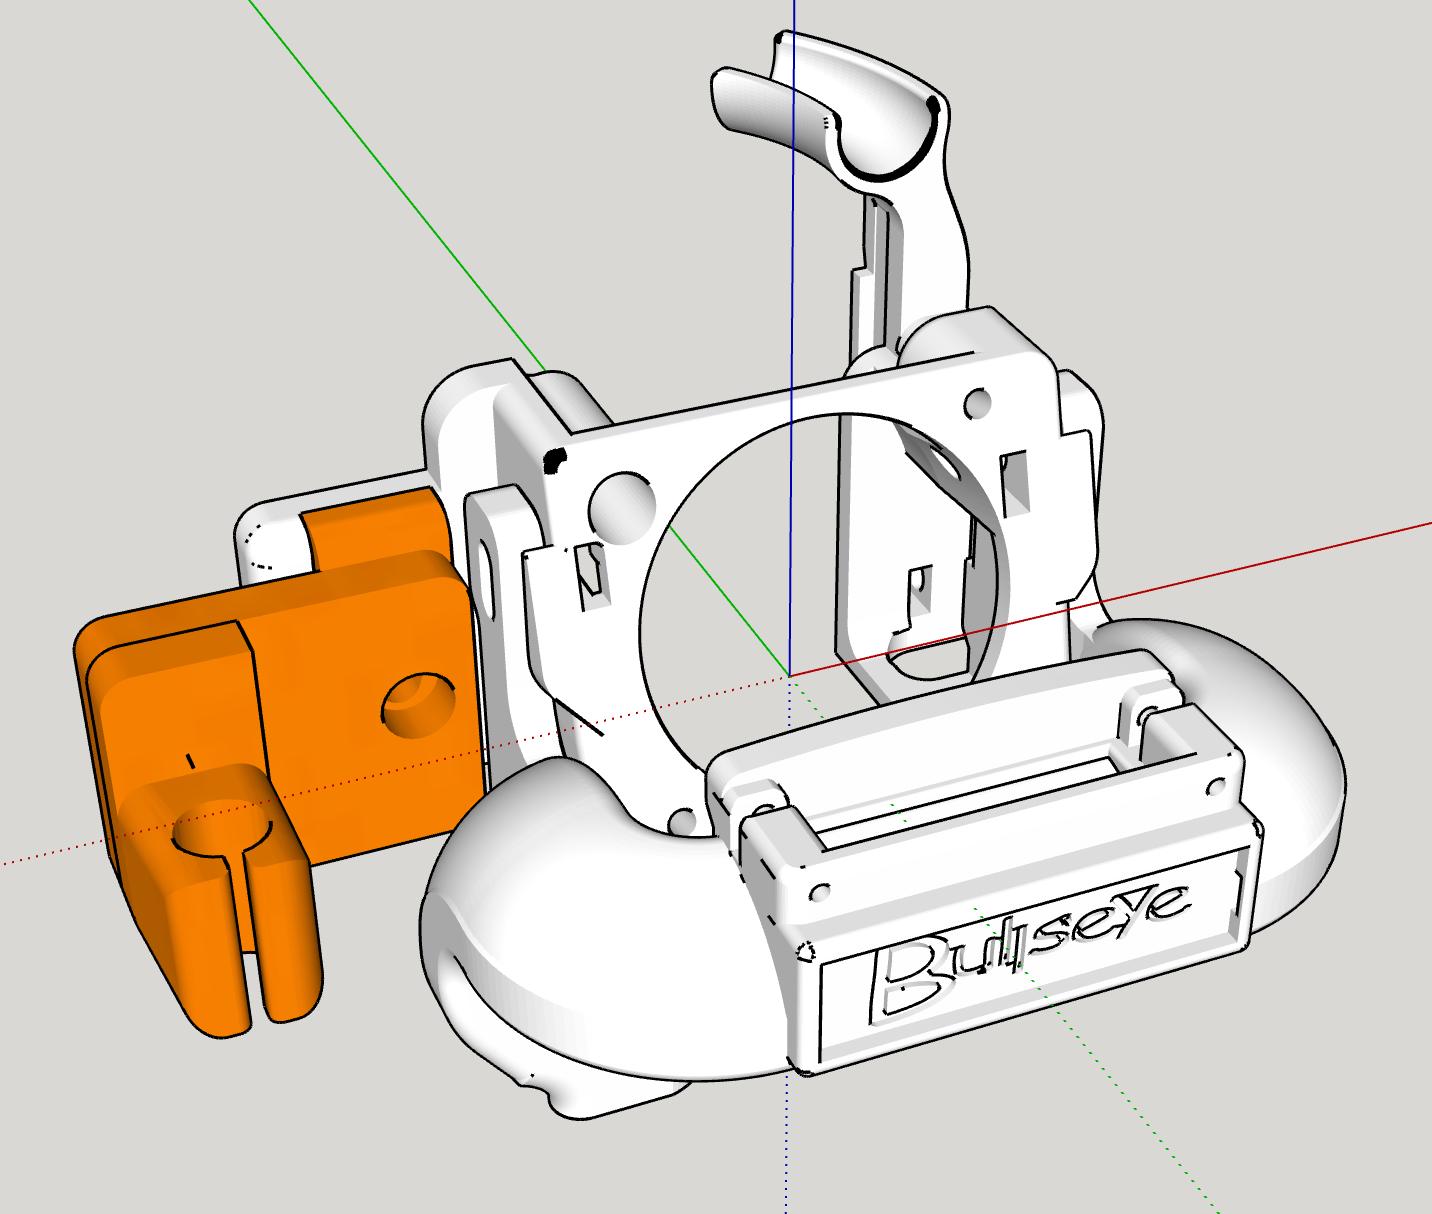 Micrometro.png Download free STL file Petsfang Micrometer Adapter • 3D print model, Pipapelaa